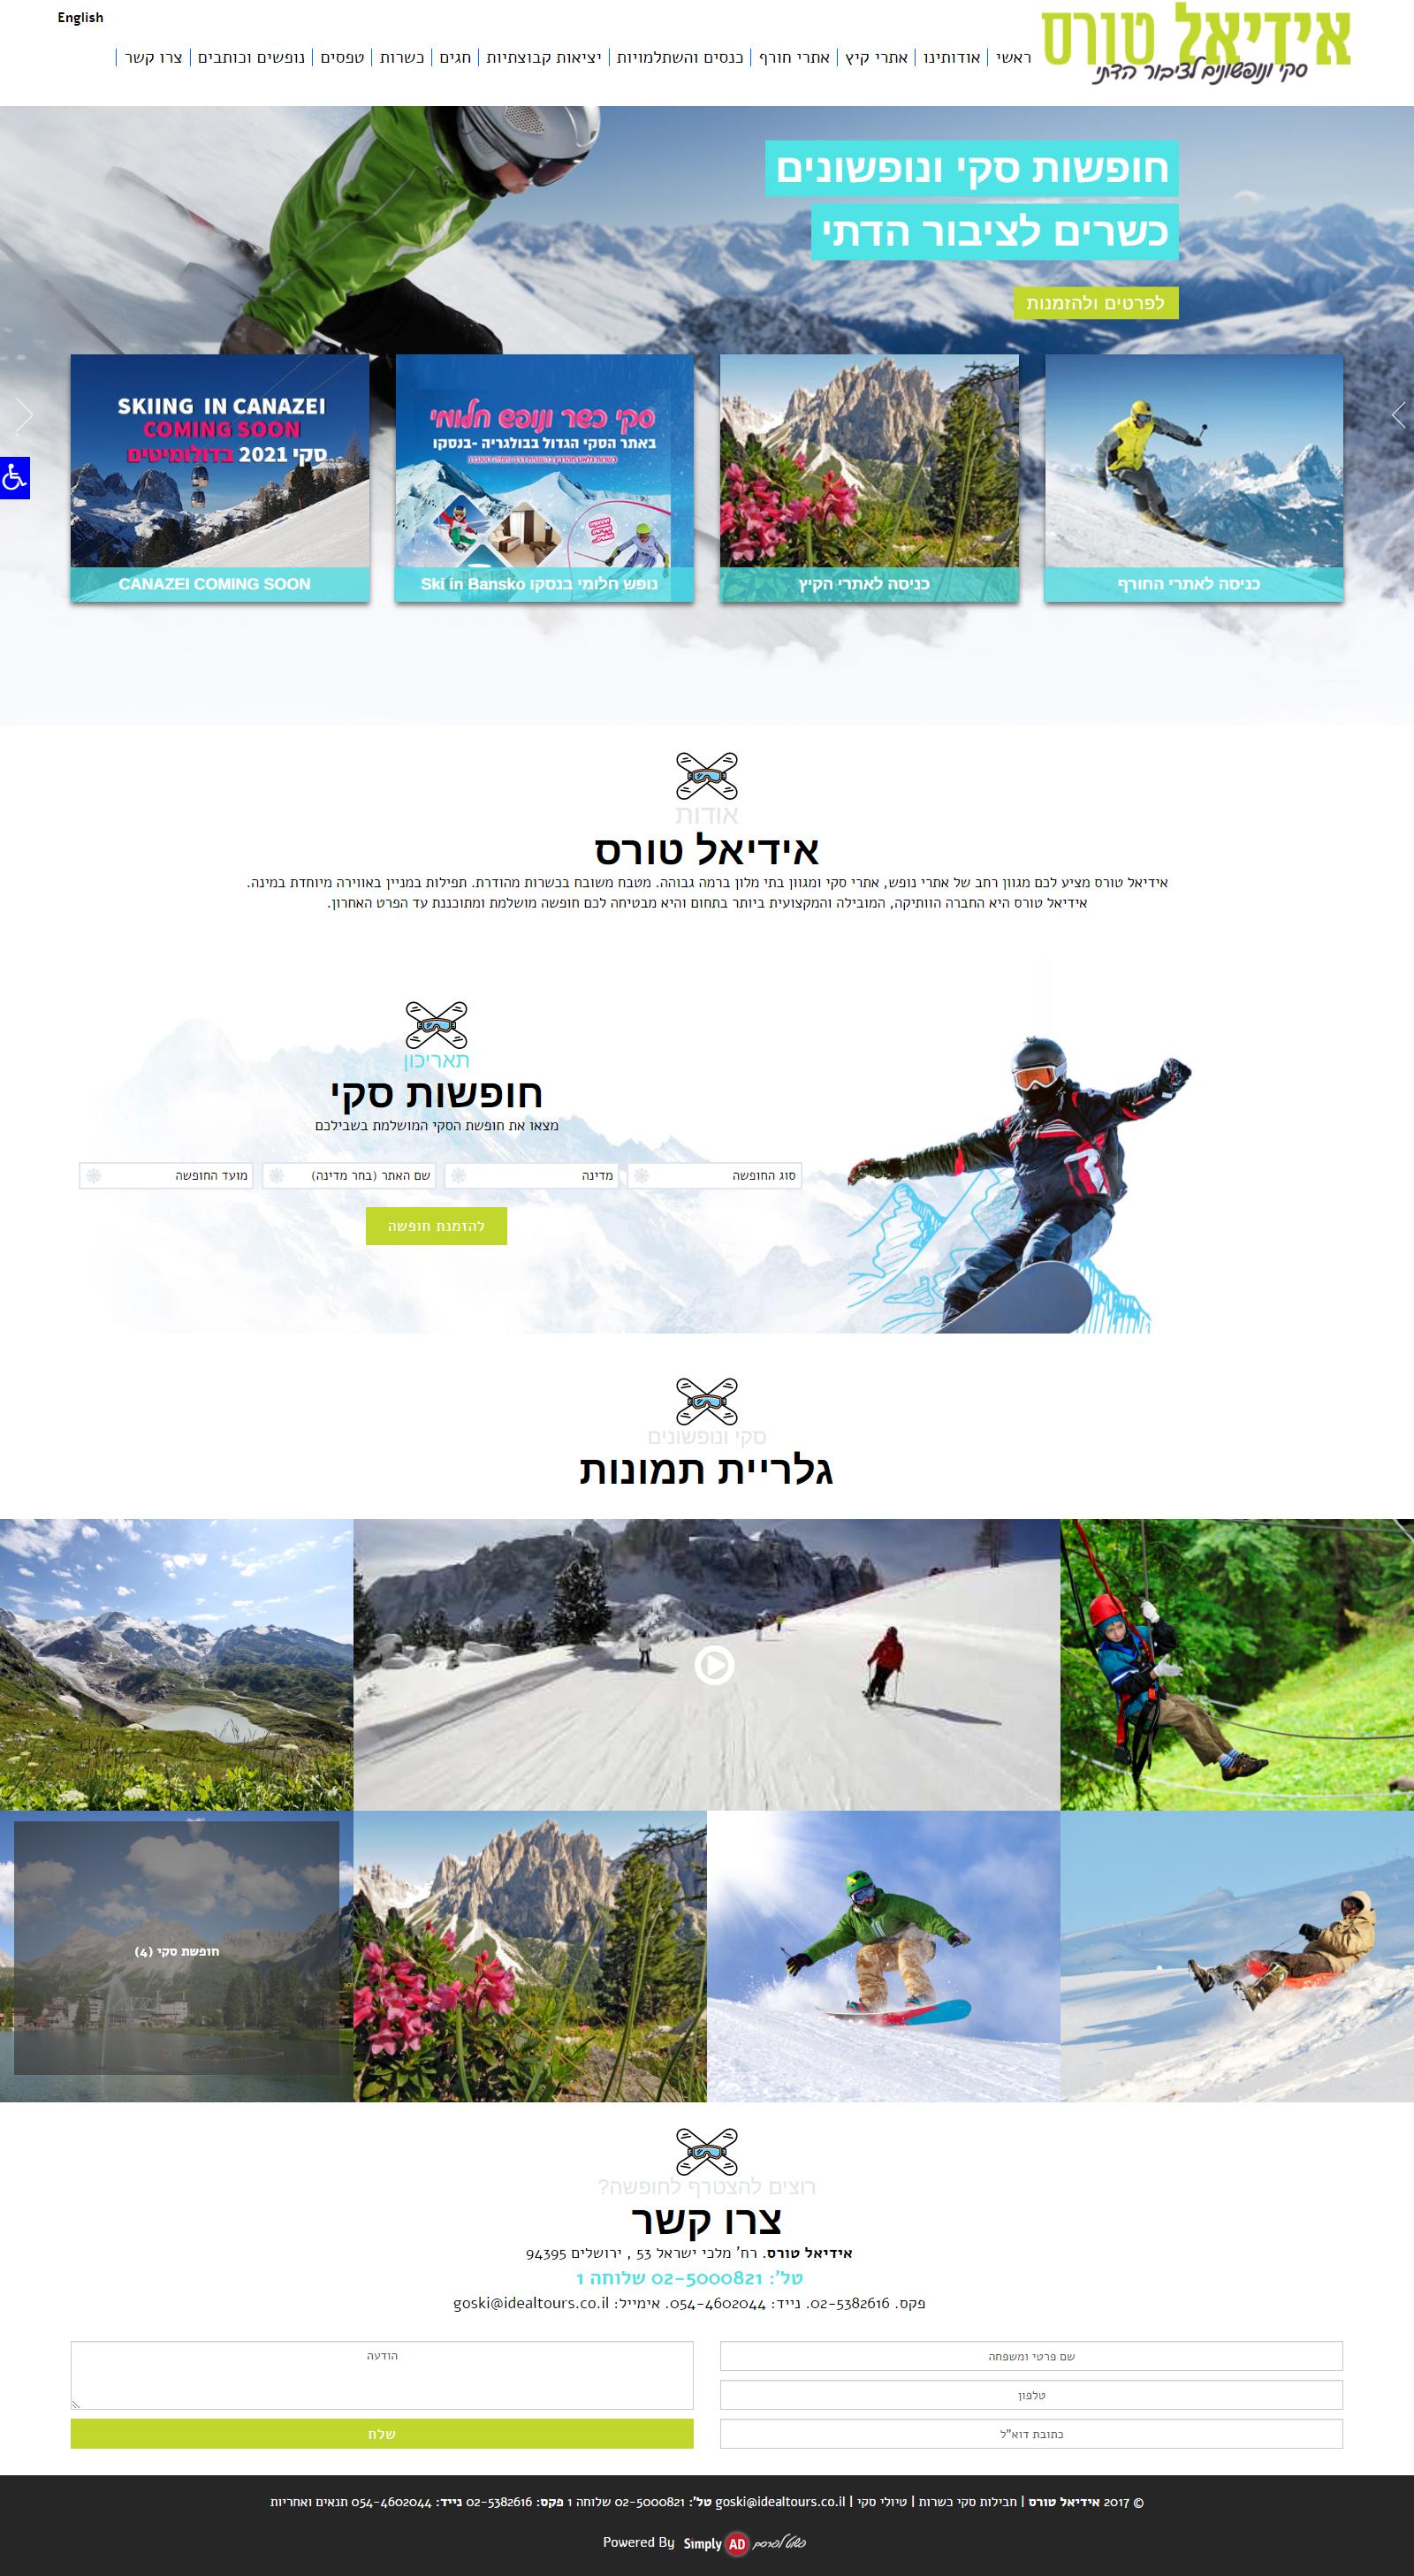 אידיאל טורס - סקי ונופשונים לציבור הדתי